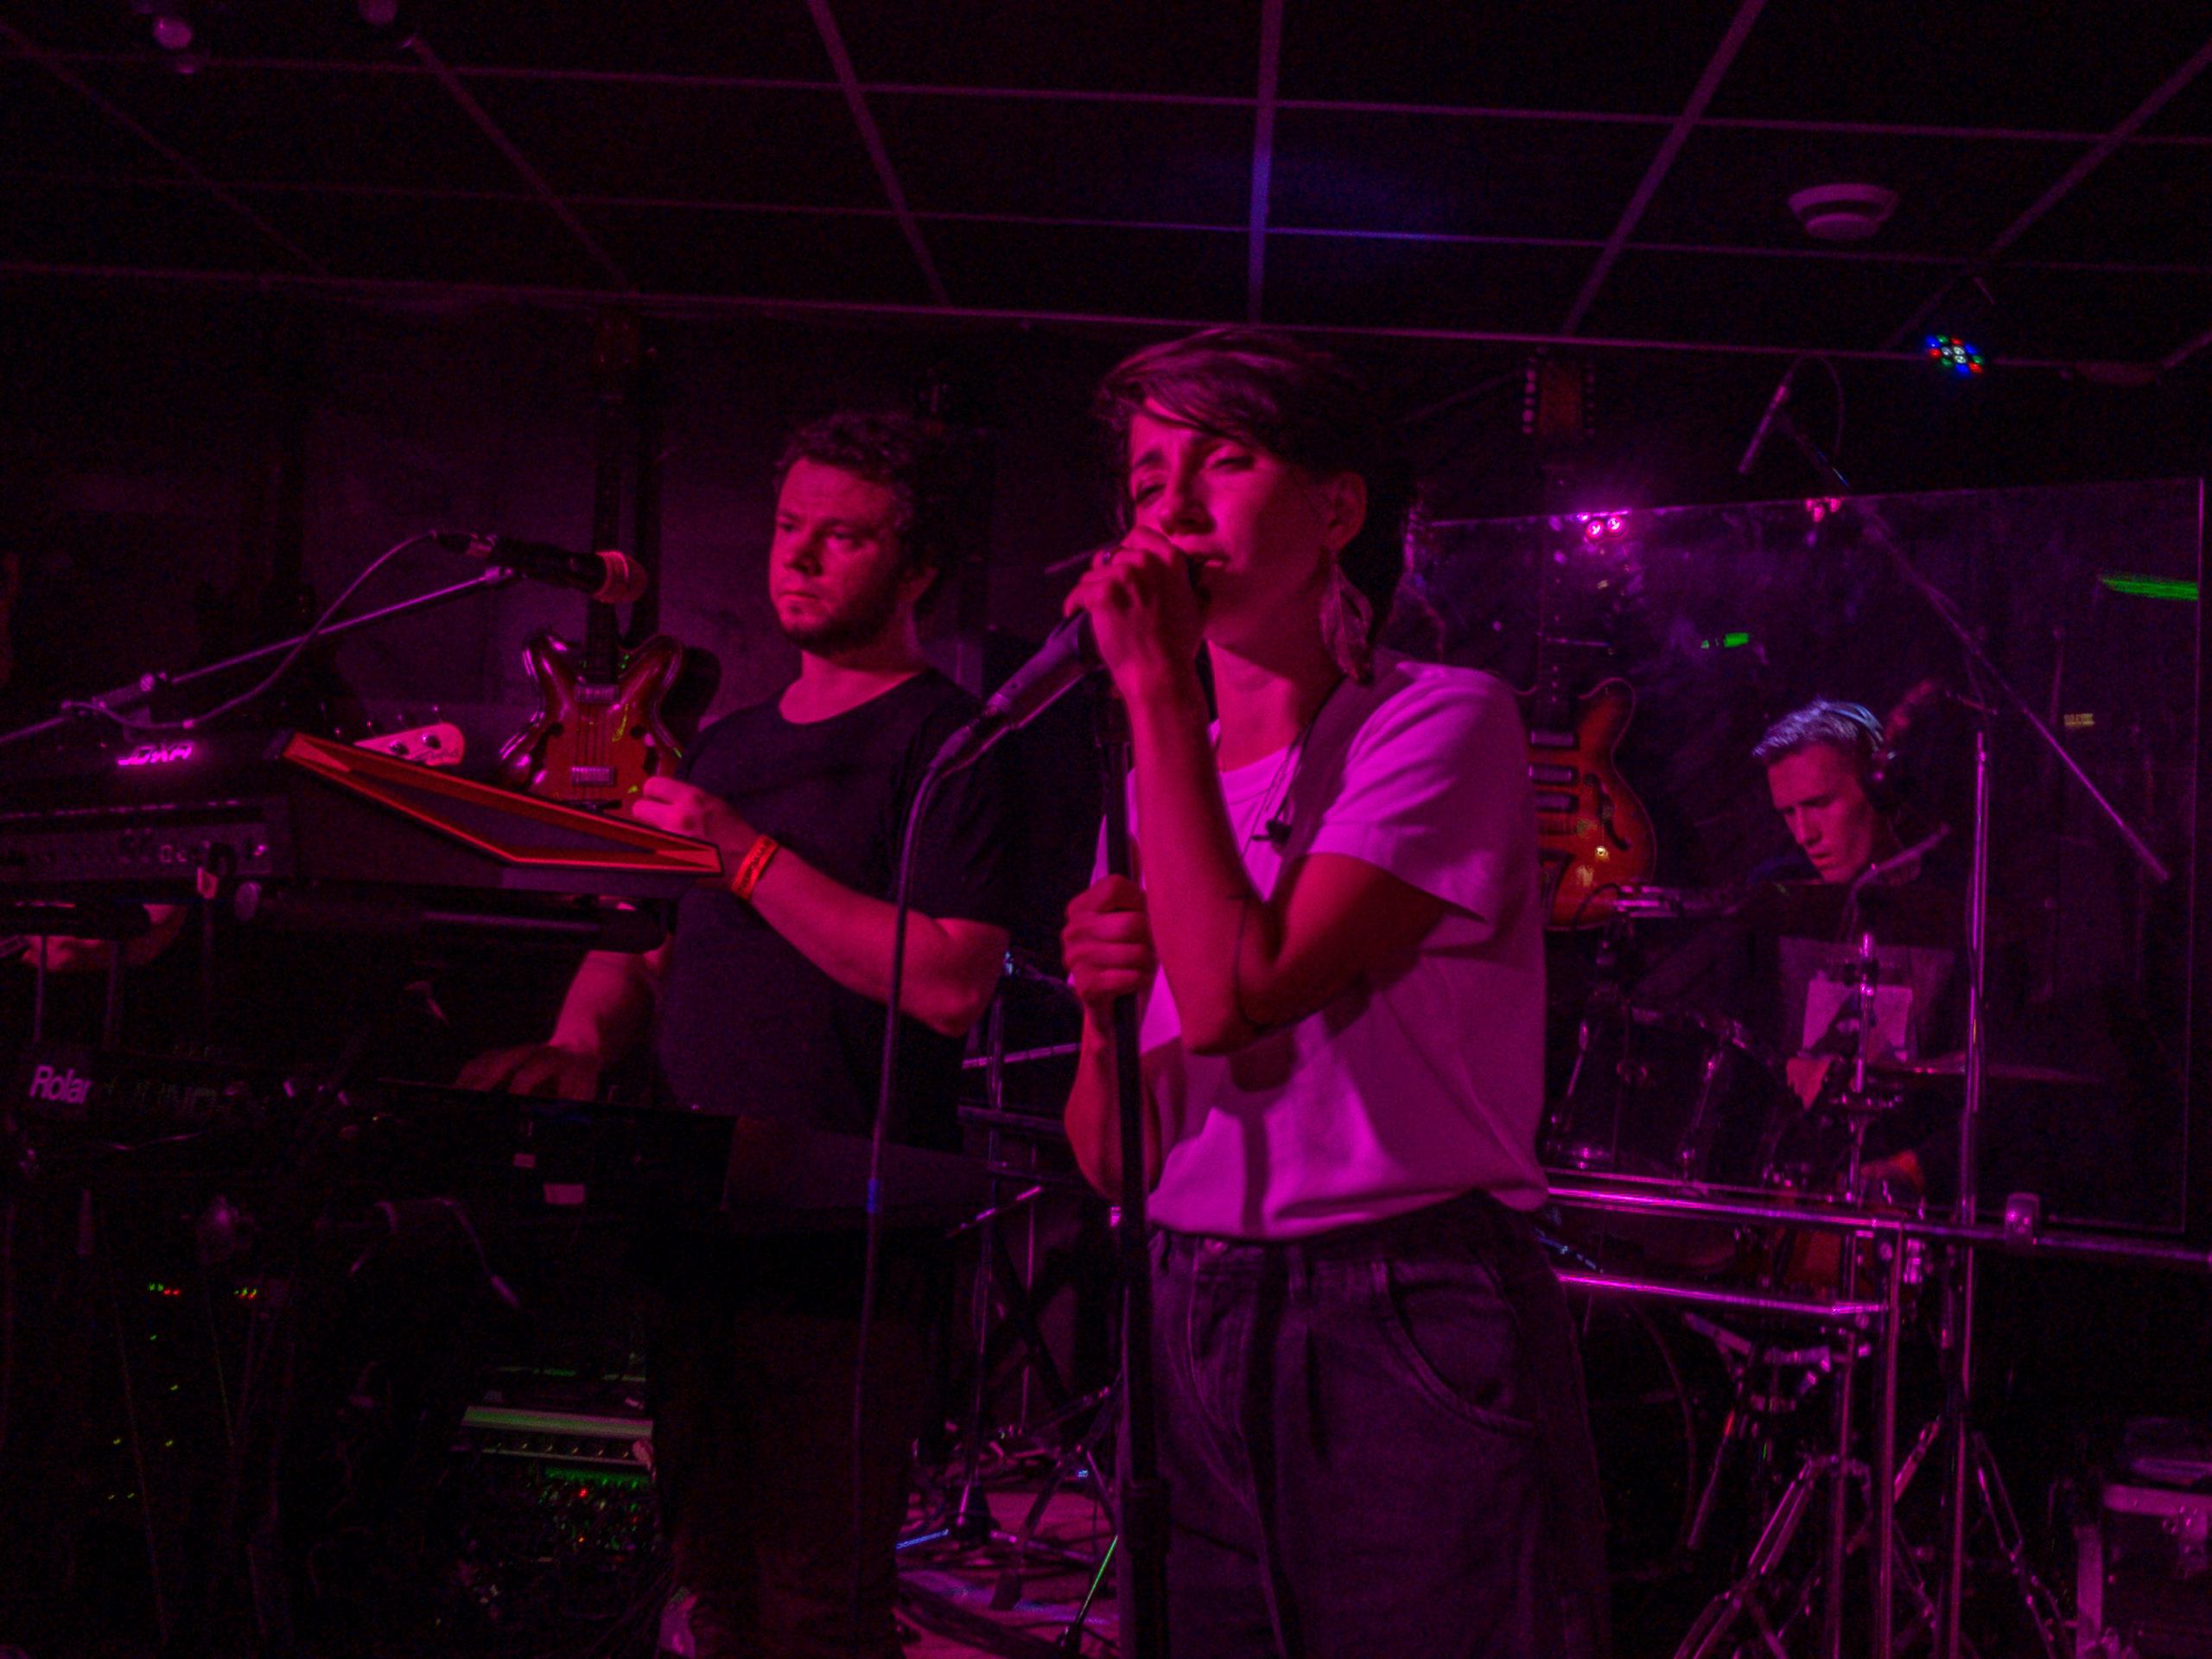 Ради этого концерта стоило пережить коронавирус:  в клубе «Big Ben» выступила группа Мураками